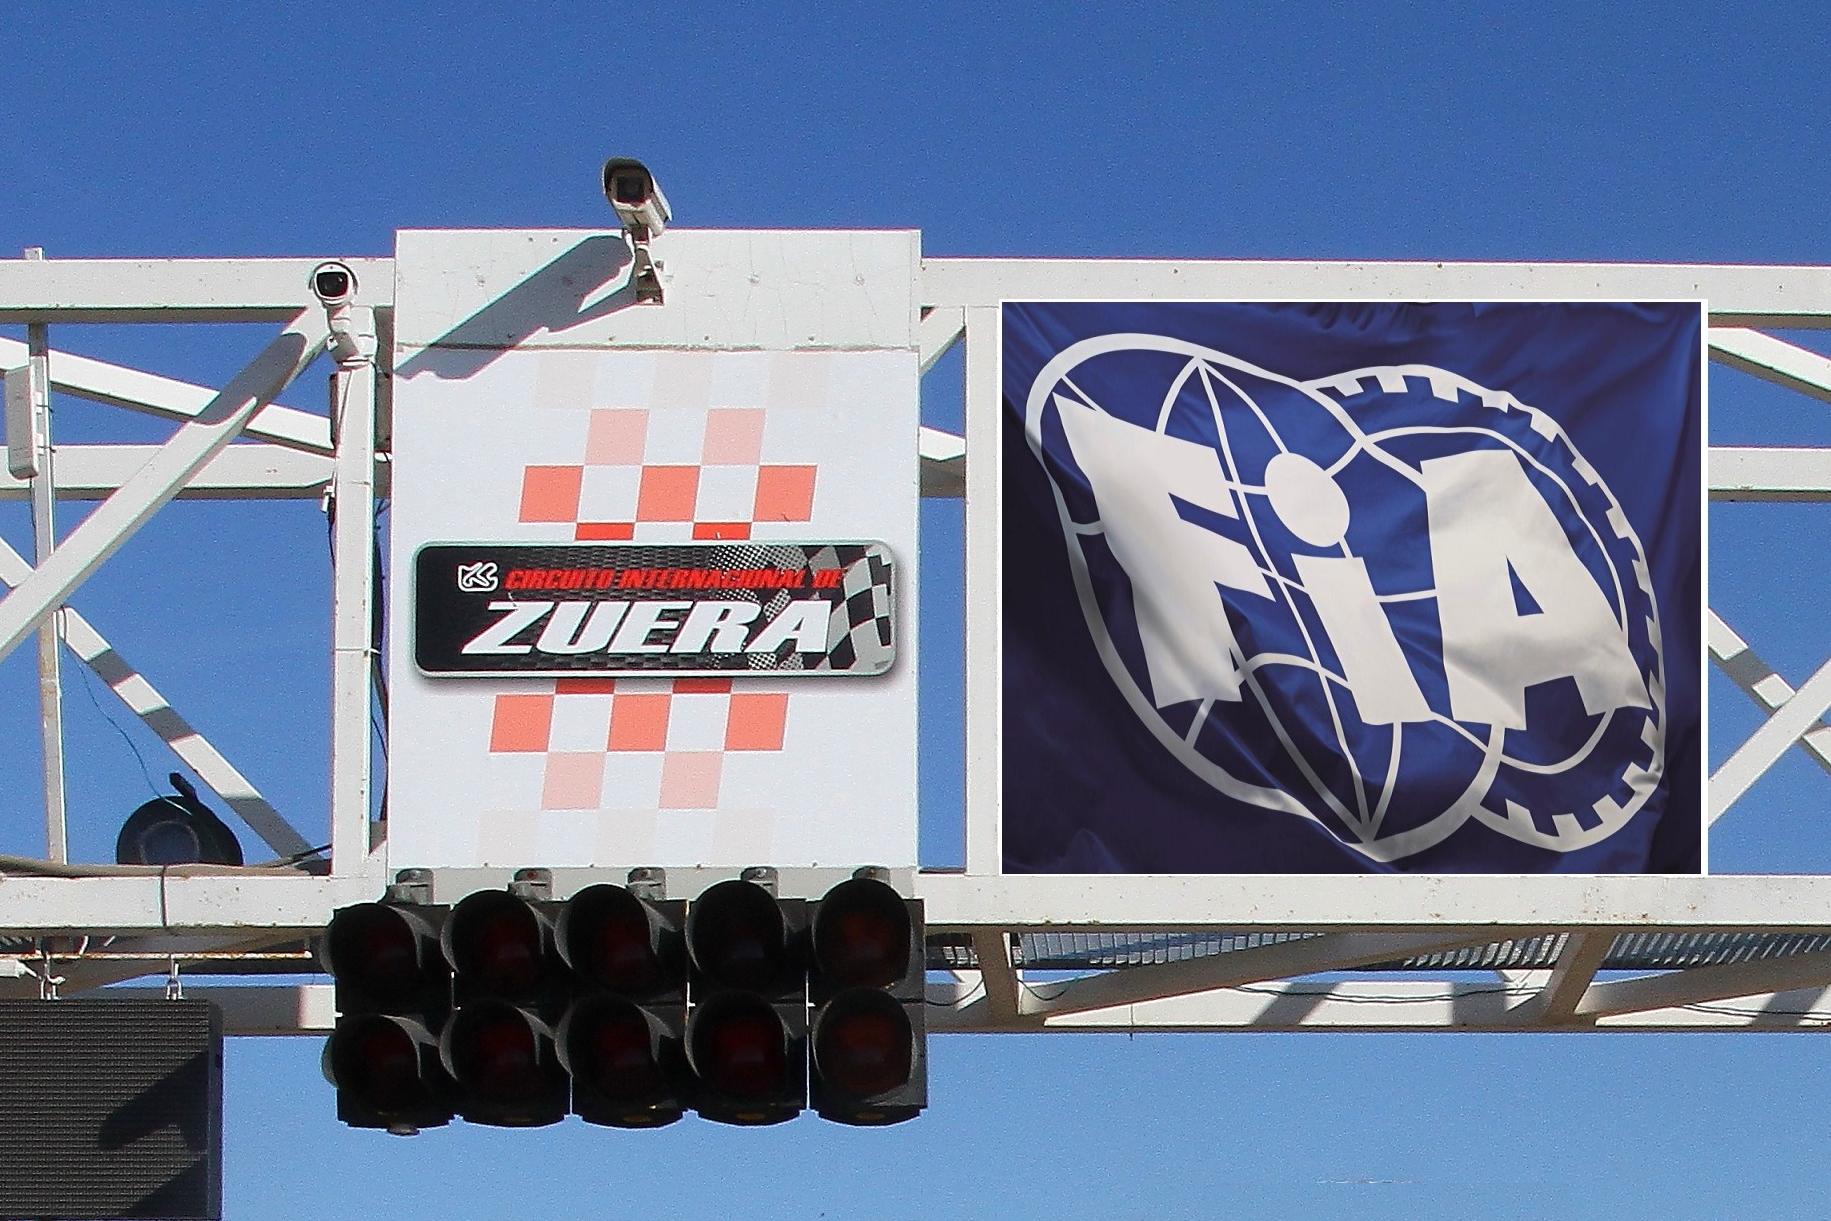 La FIA anuncia el calendario 2020: ¡se confirma de forma oficial la vuelta de Zuera!